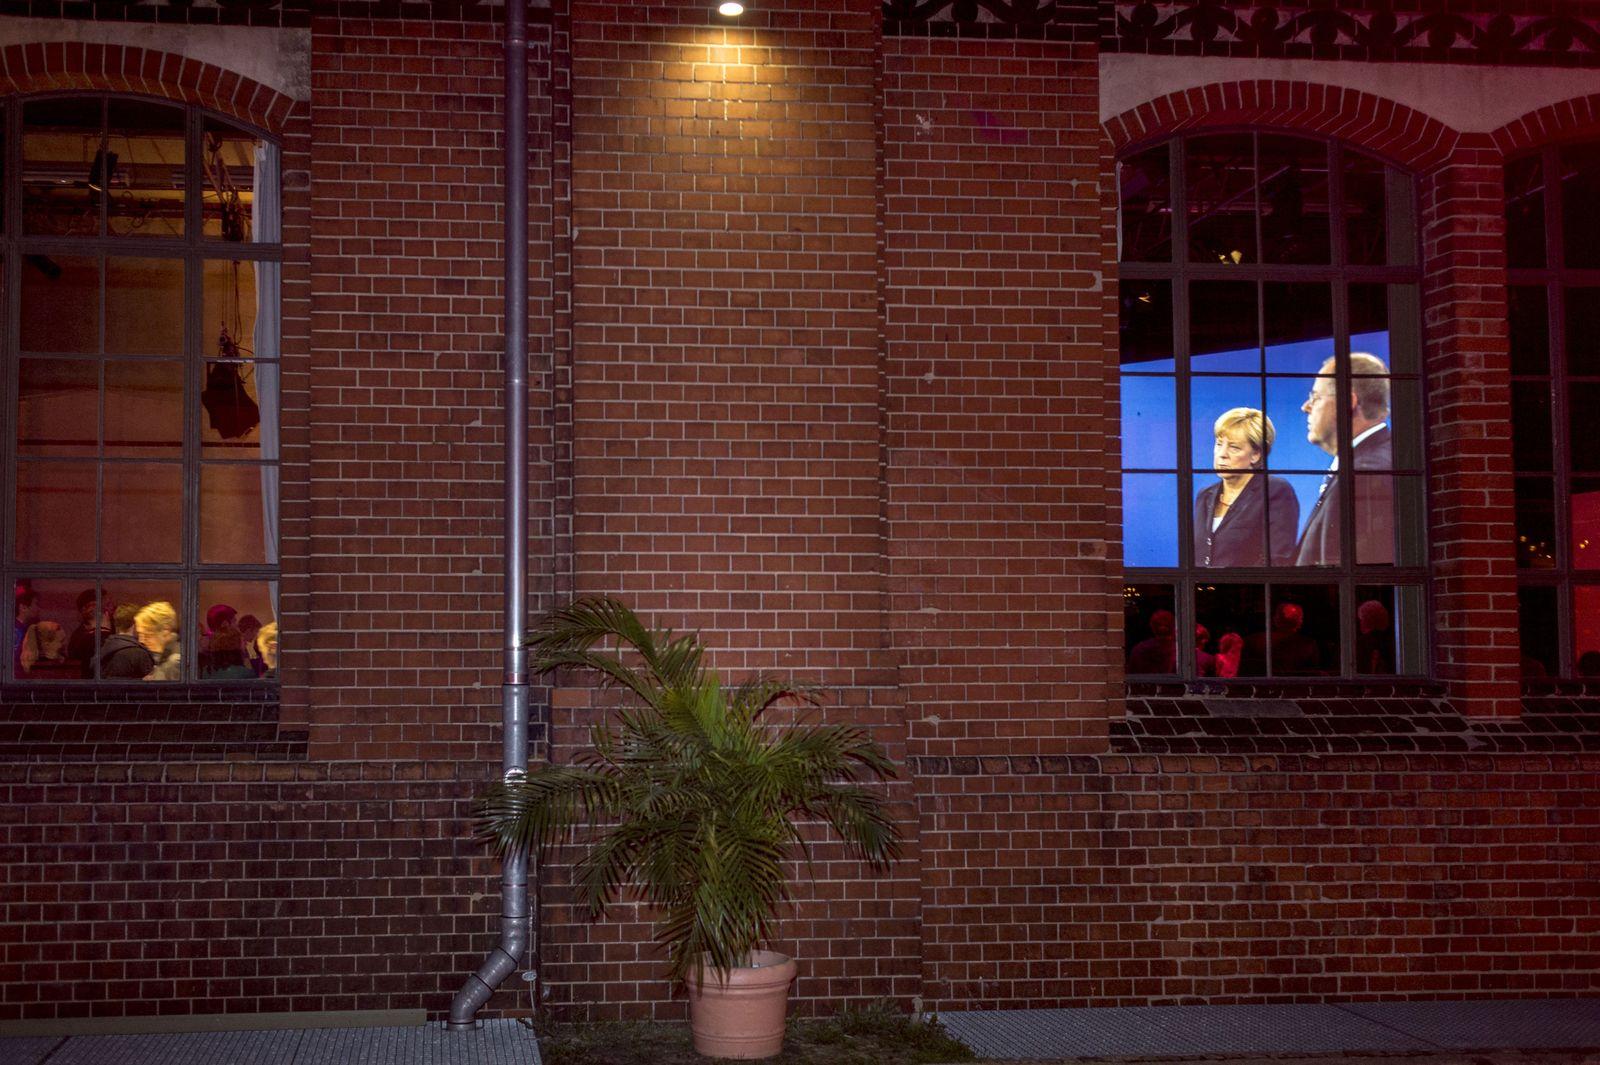 EINMALIGE VERWENDUNG NUR FÜR SPIEGEL Plus SP 35/2017, S, 34 TV-Duell Steinbrück / Merkel